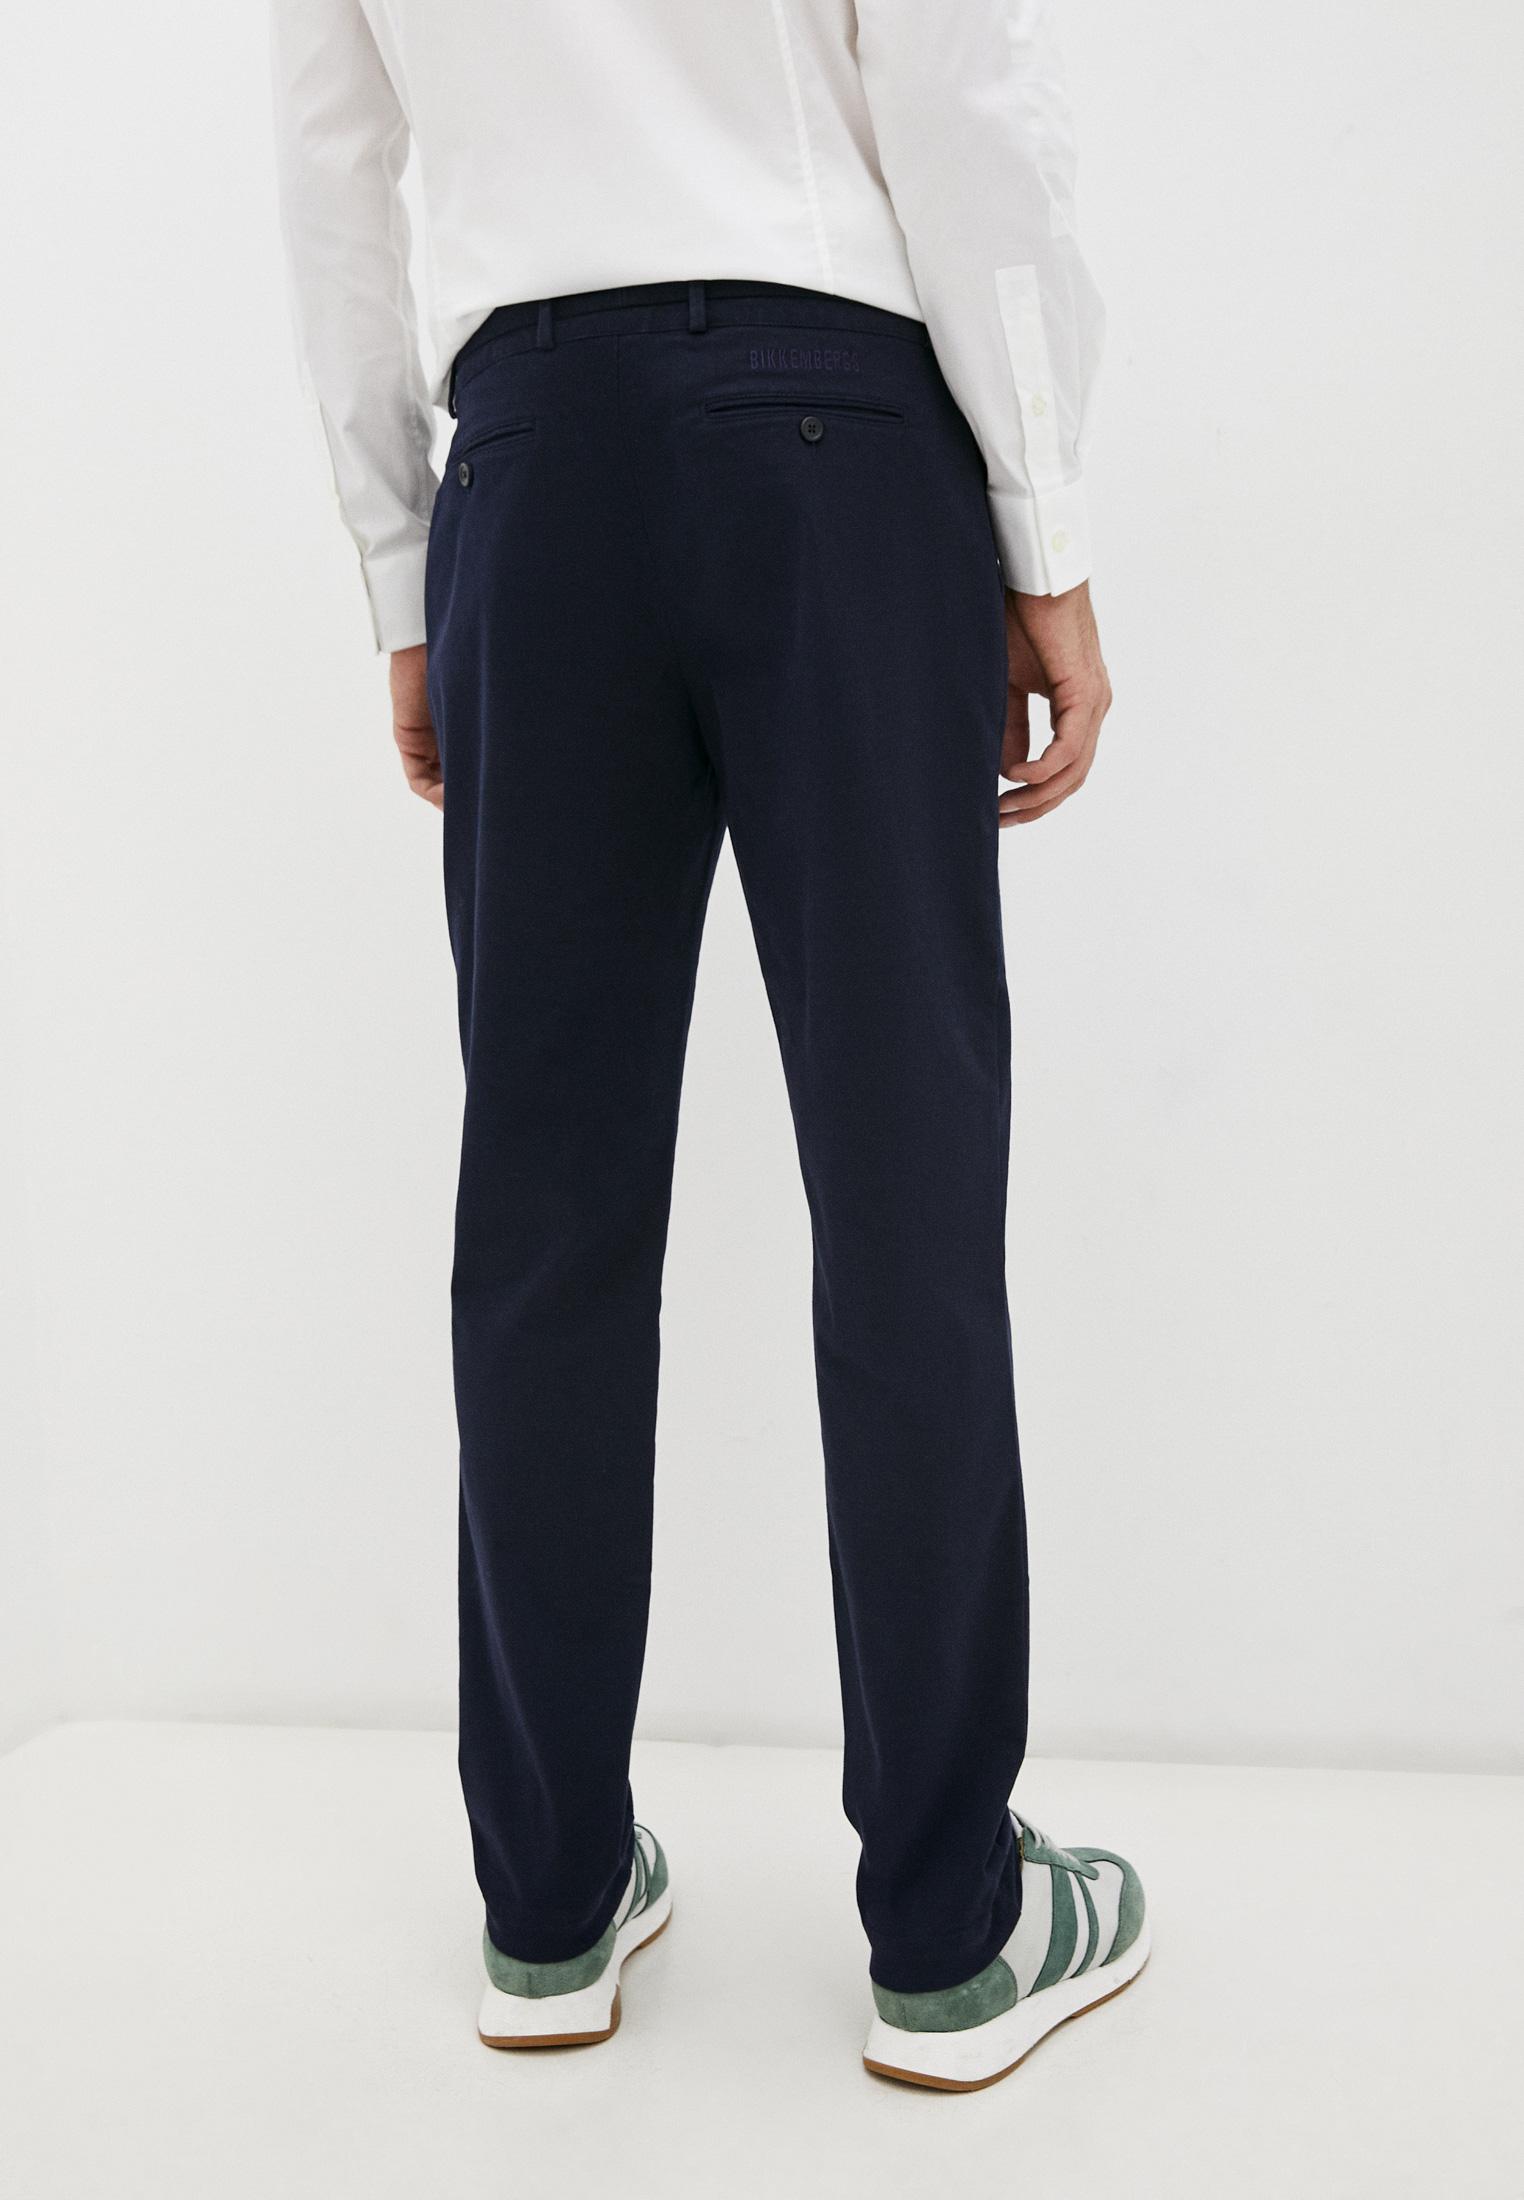 Мужские повседневные брюки Bikkembergs C P 035 01 S 3330: изображение 4